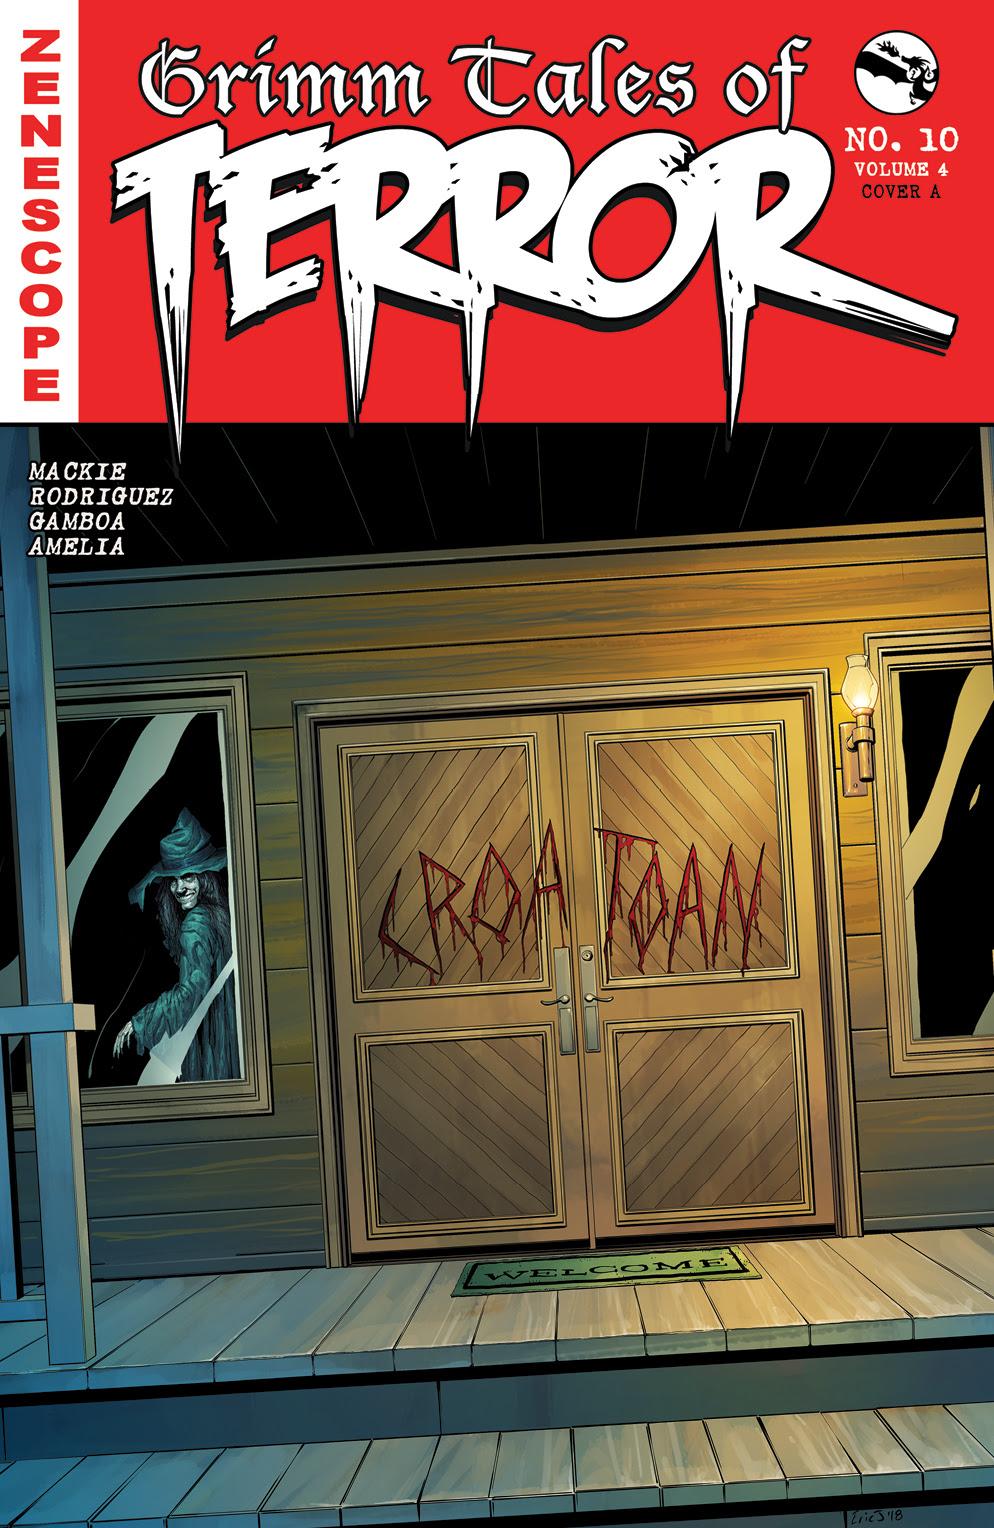 Grimm Tales Of Terror #10